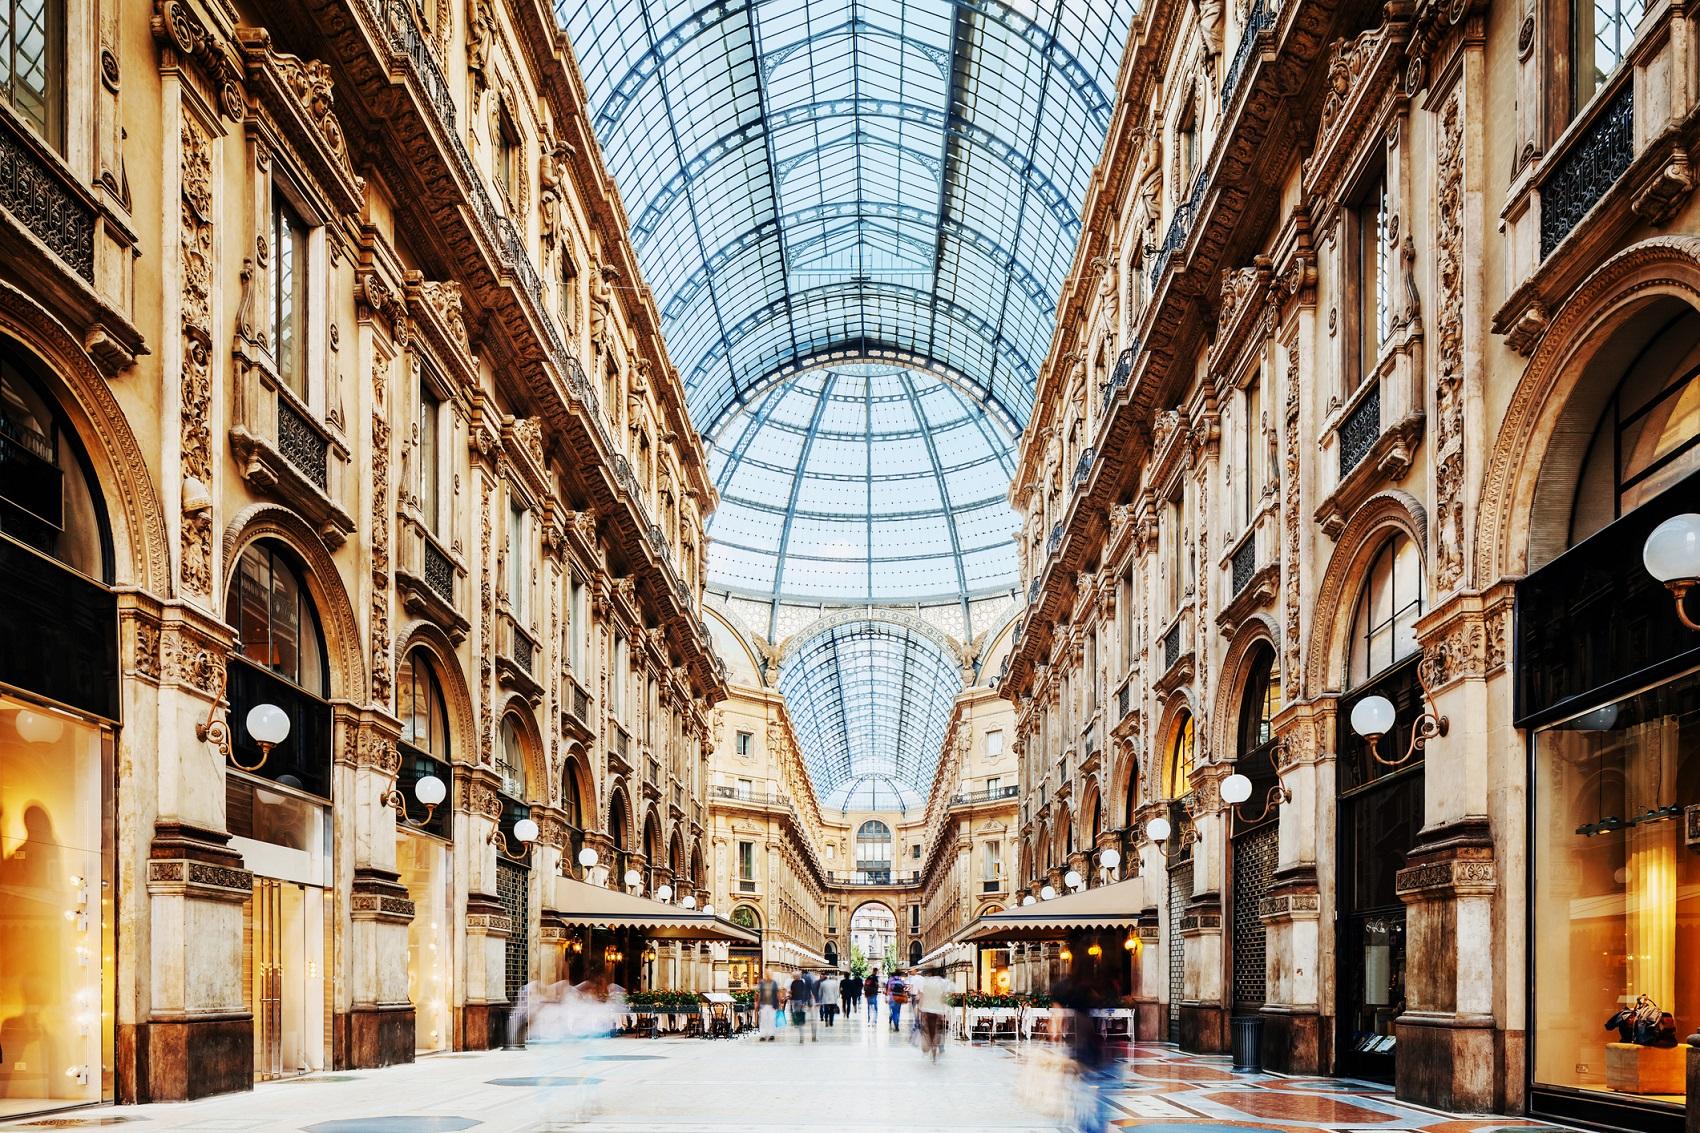 milan-shopping-experience